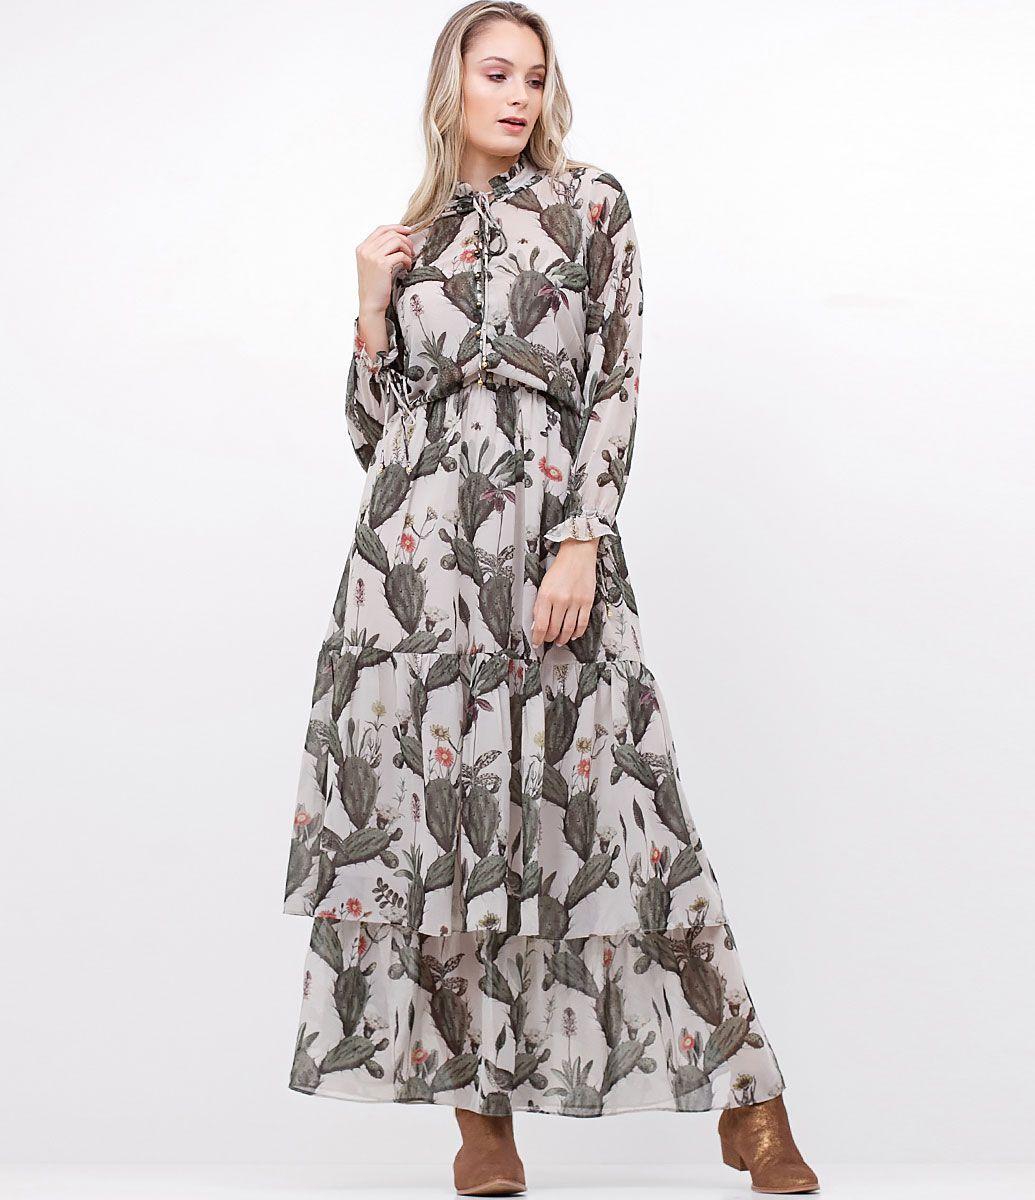 37b85fa54 Vestido feminino Modelo Longo Gola alta Com forro Abotoamento frontal com  botões de metal Detalhe de